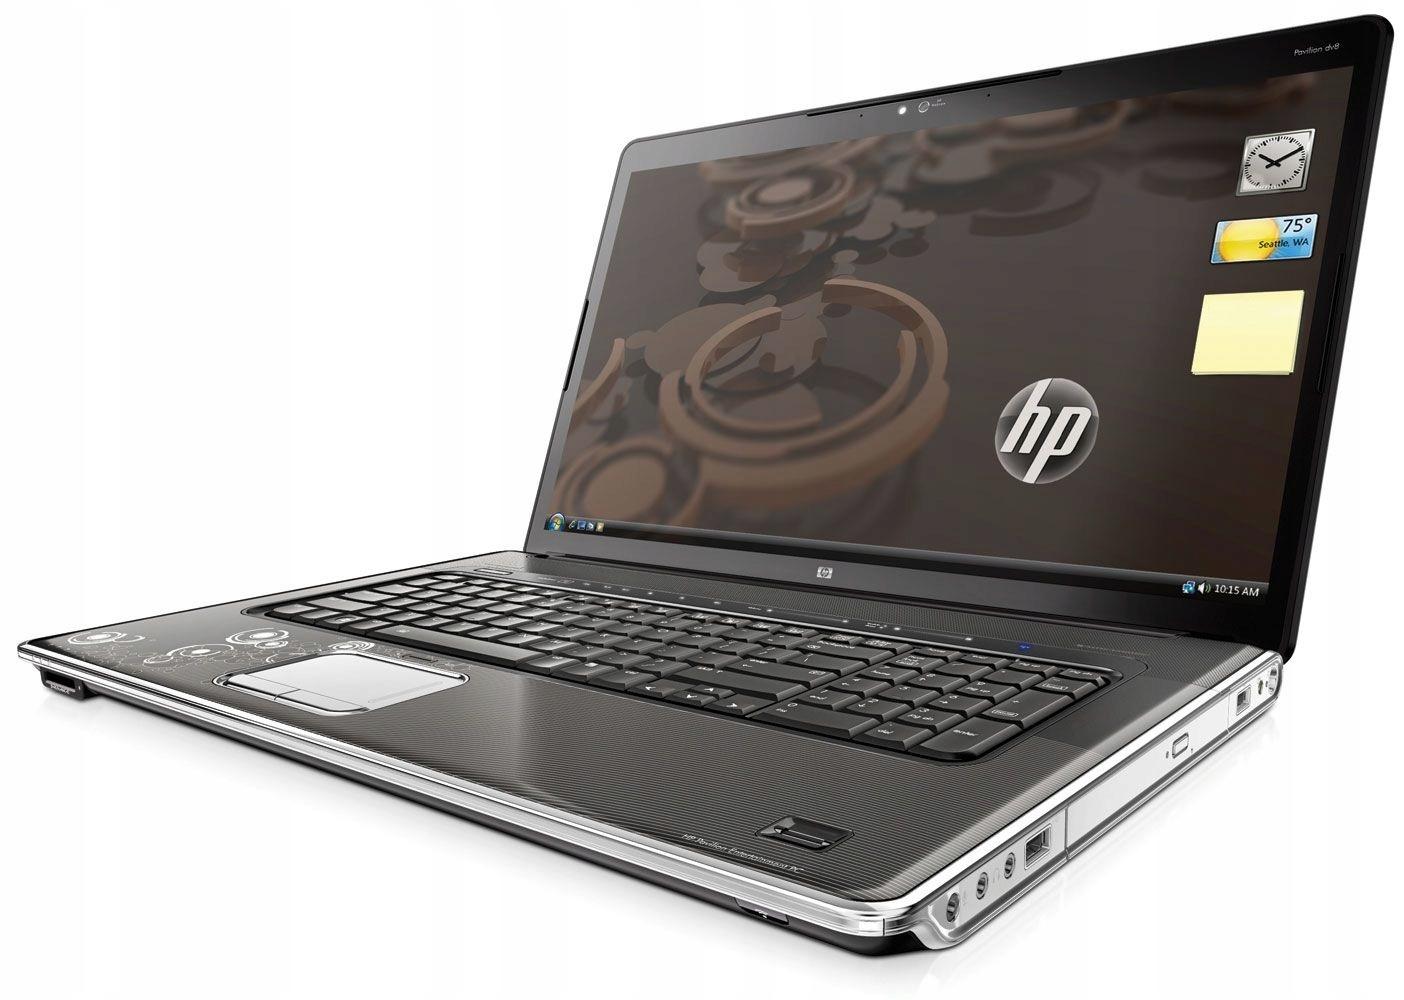 BATERIA AKUMULATOR HP PAVILION DV7 DV8 HSTNN-DB75 HSTNN-C50C - Baterie do laptopów